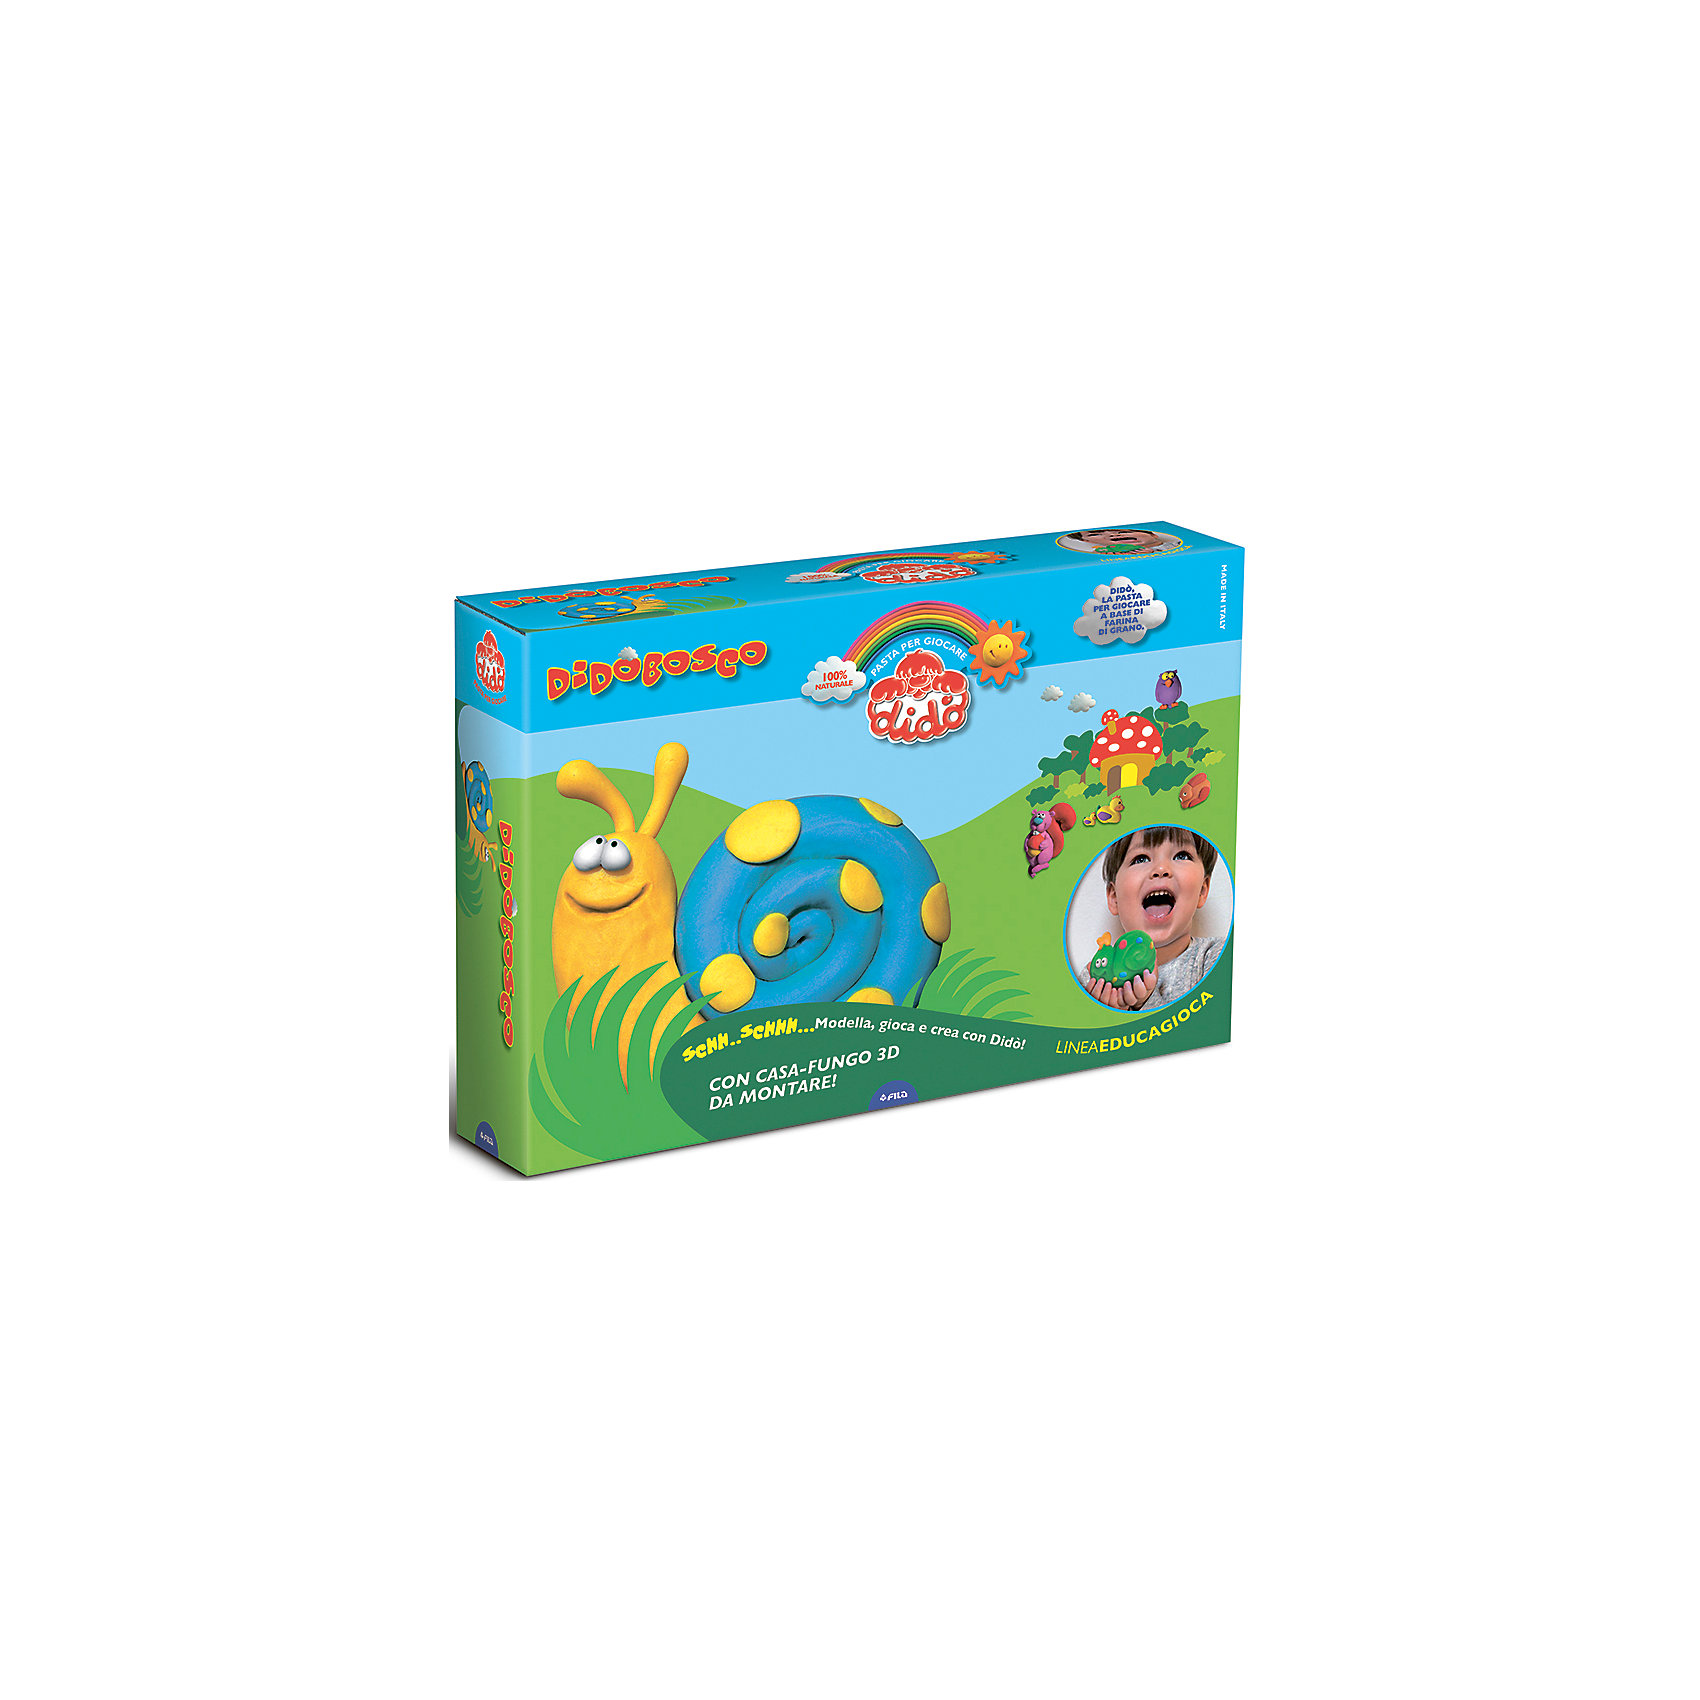 Dido Набор для творчества Веселый лес набор для детского творчества набор веселая кондитерская 1 кг